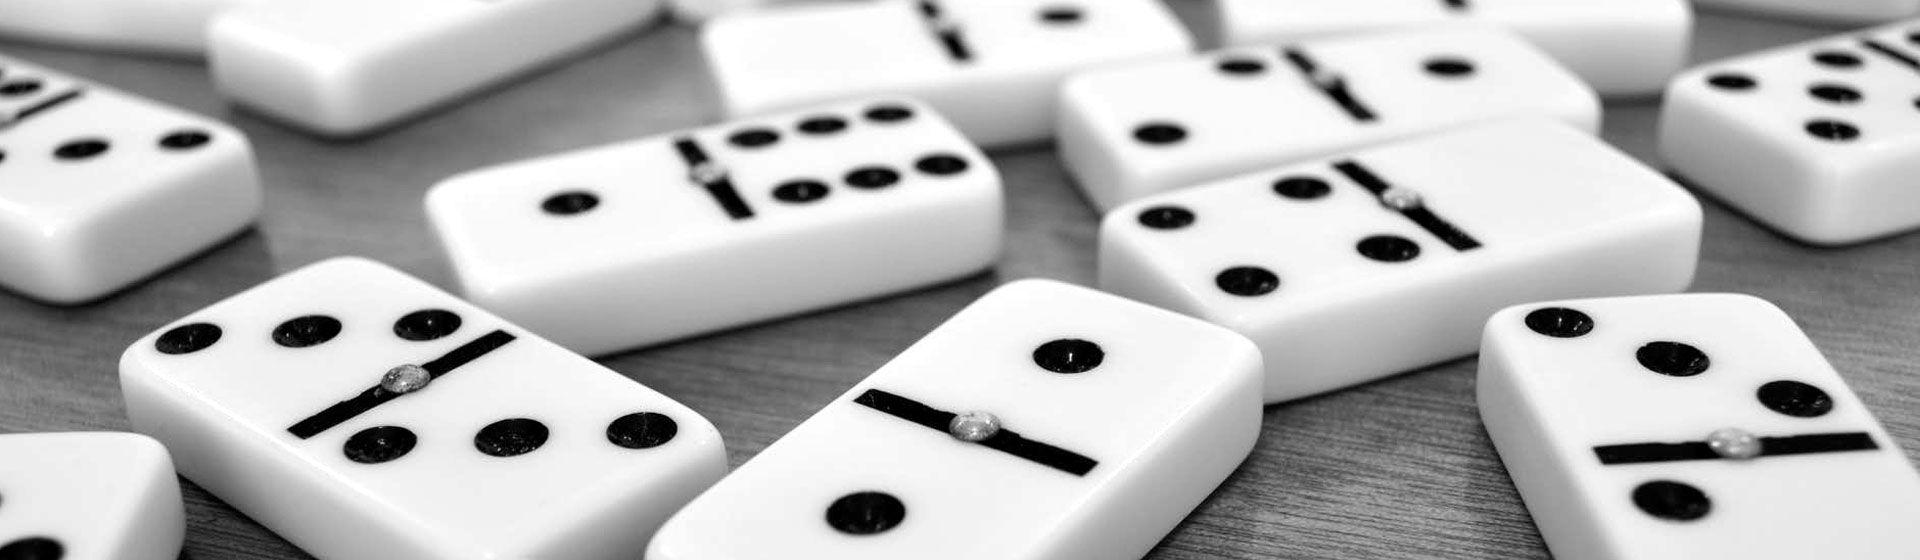 Como jogar dominó? Aprenda as regras do jogo clássico